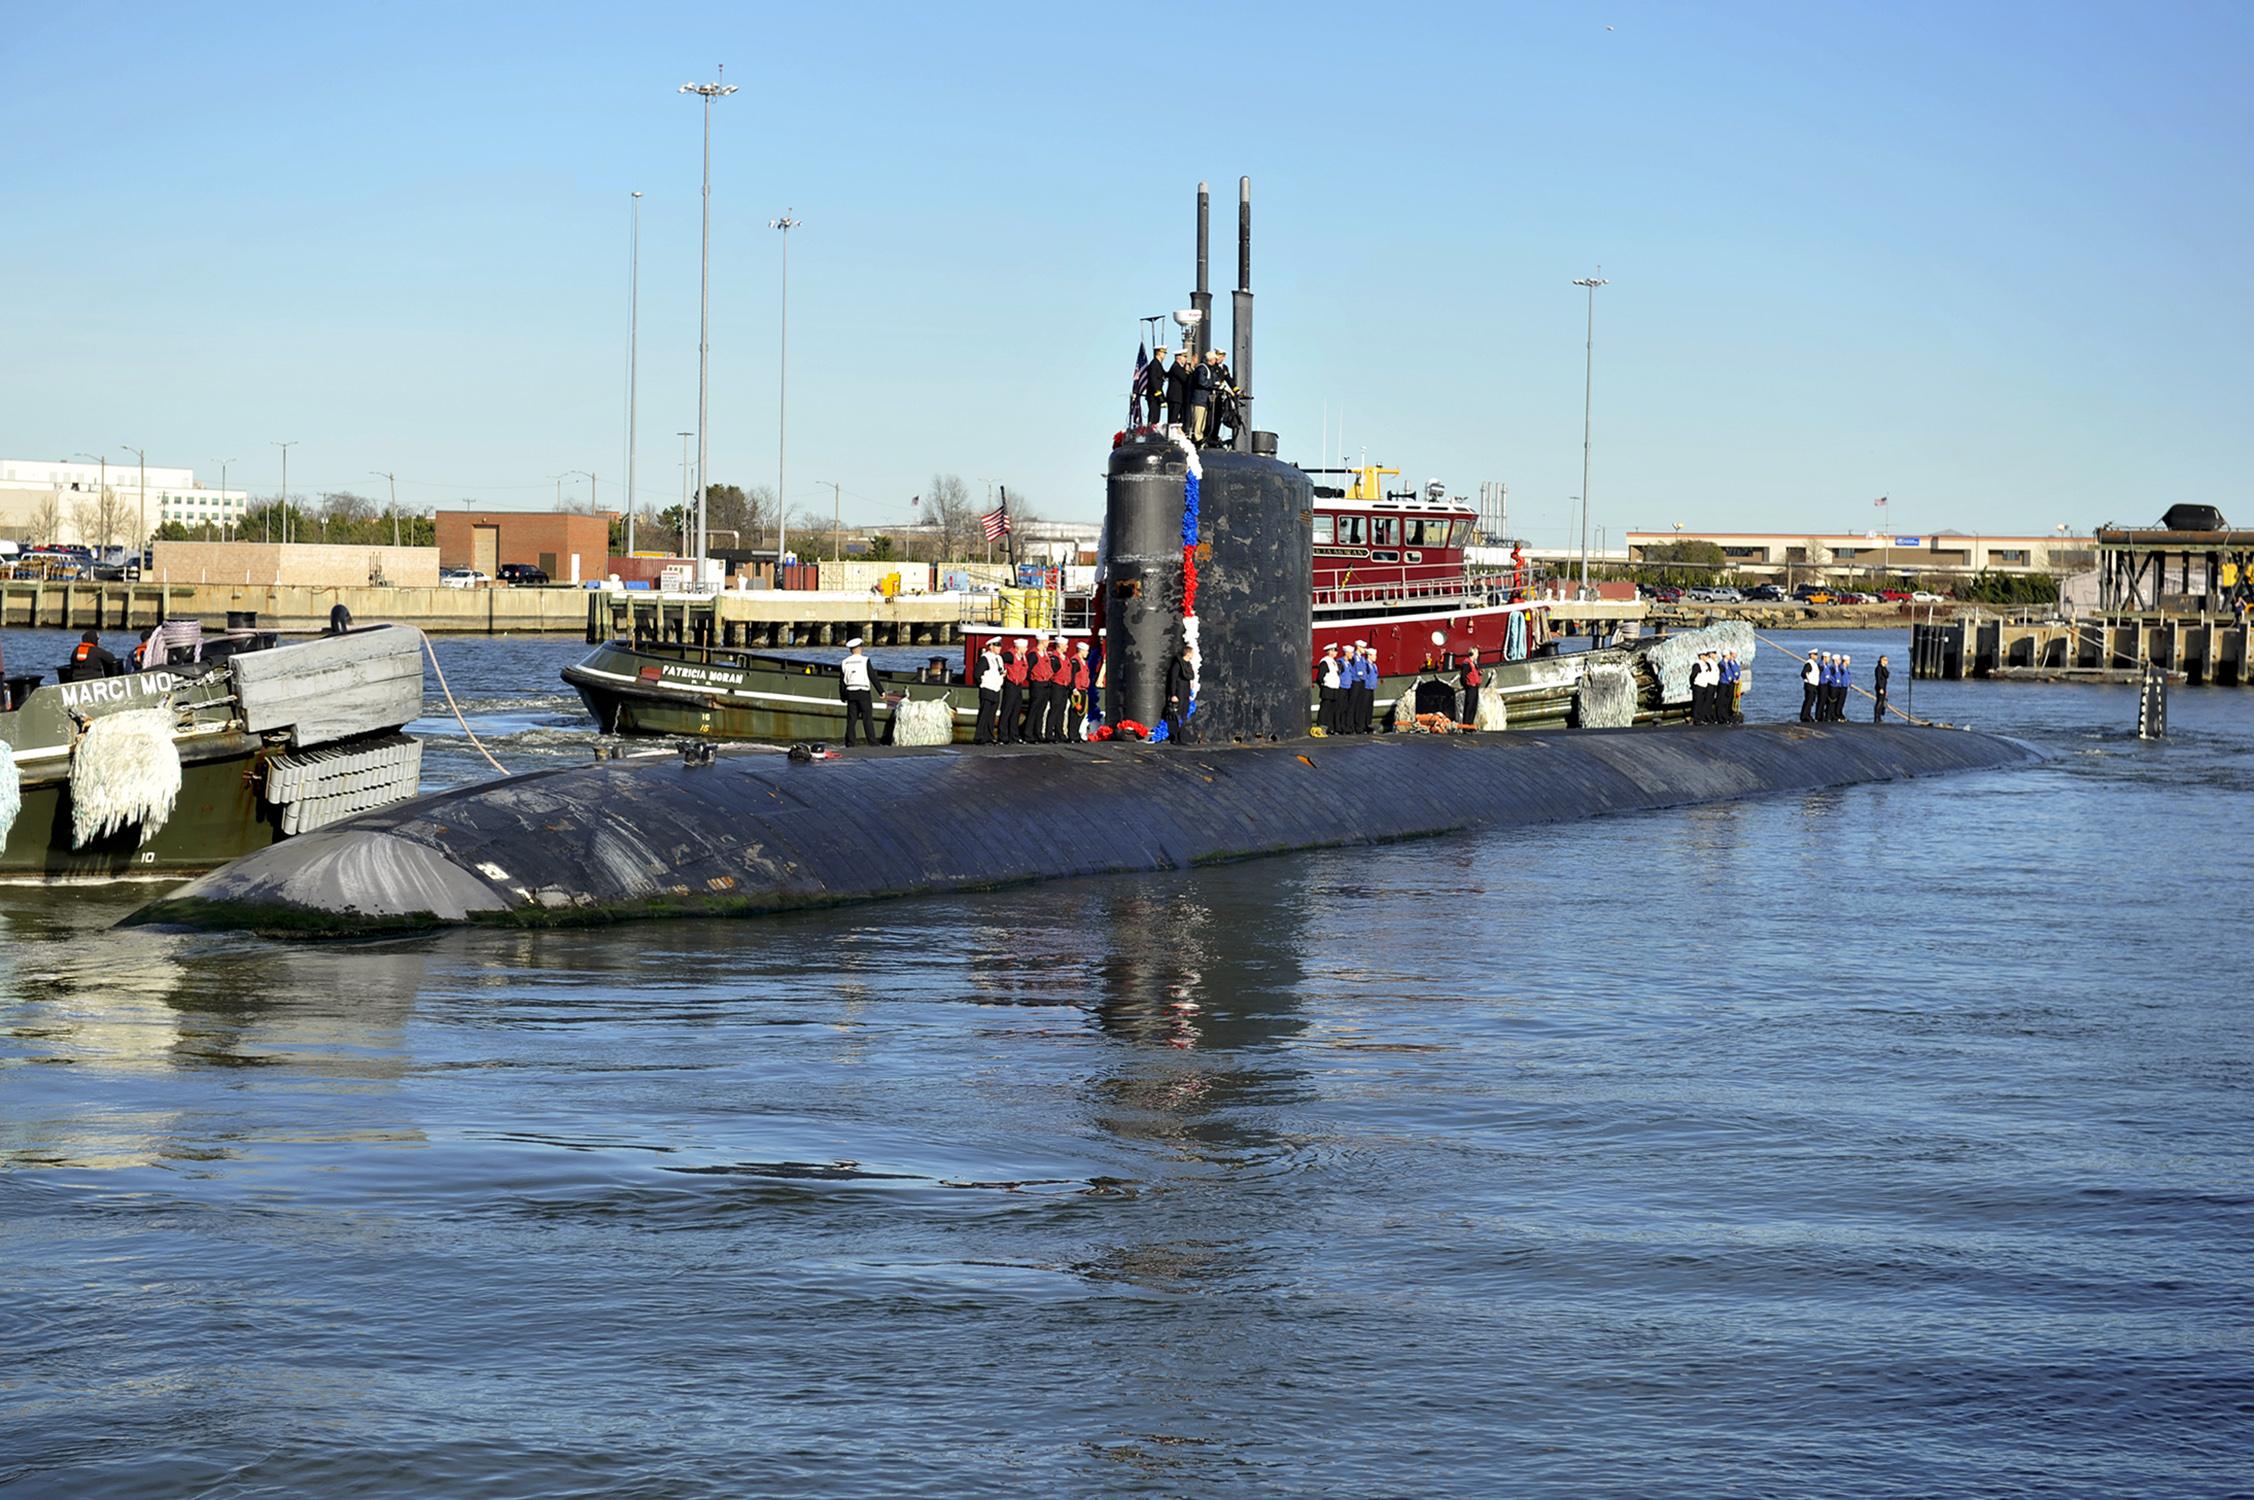 USS SRANTON SSN-756 Einlaufen Norfolk am 13.01.2014 Bild: U.S. Navy